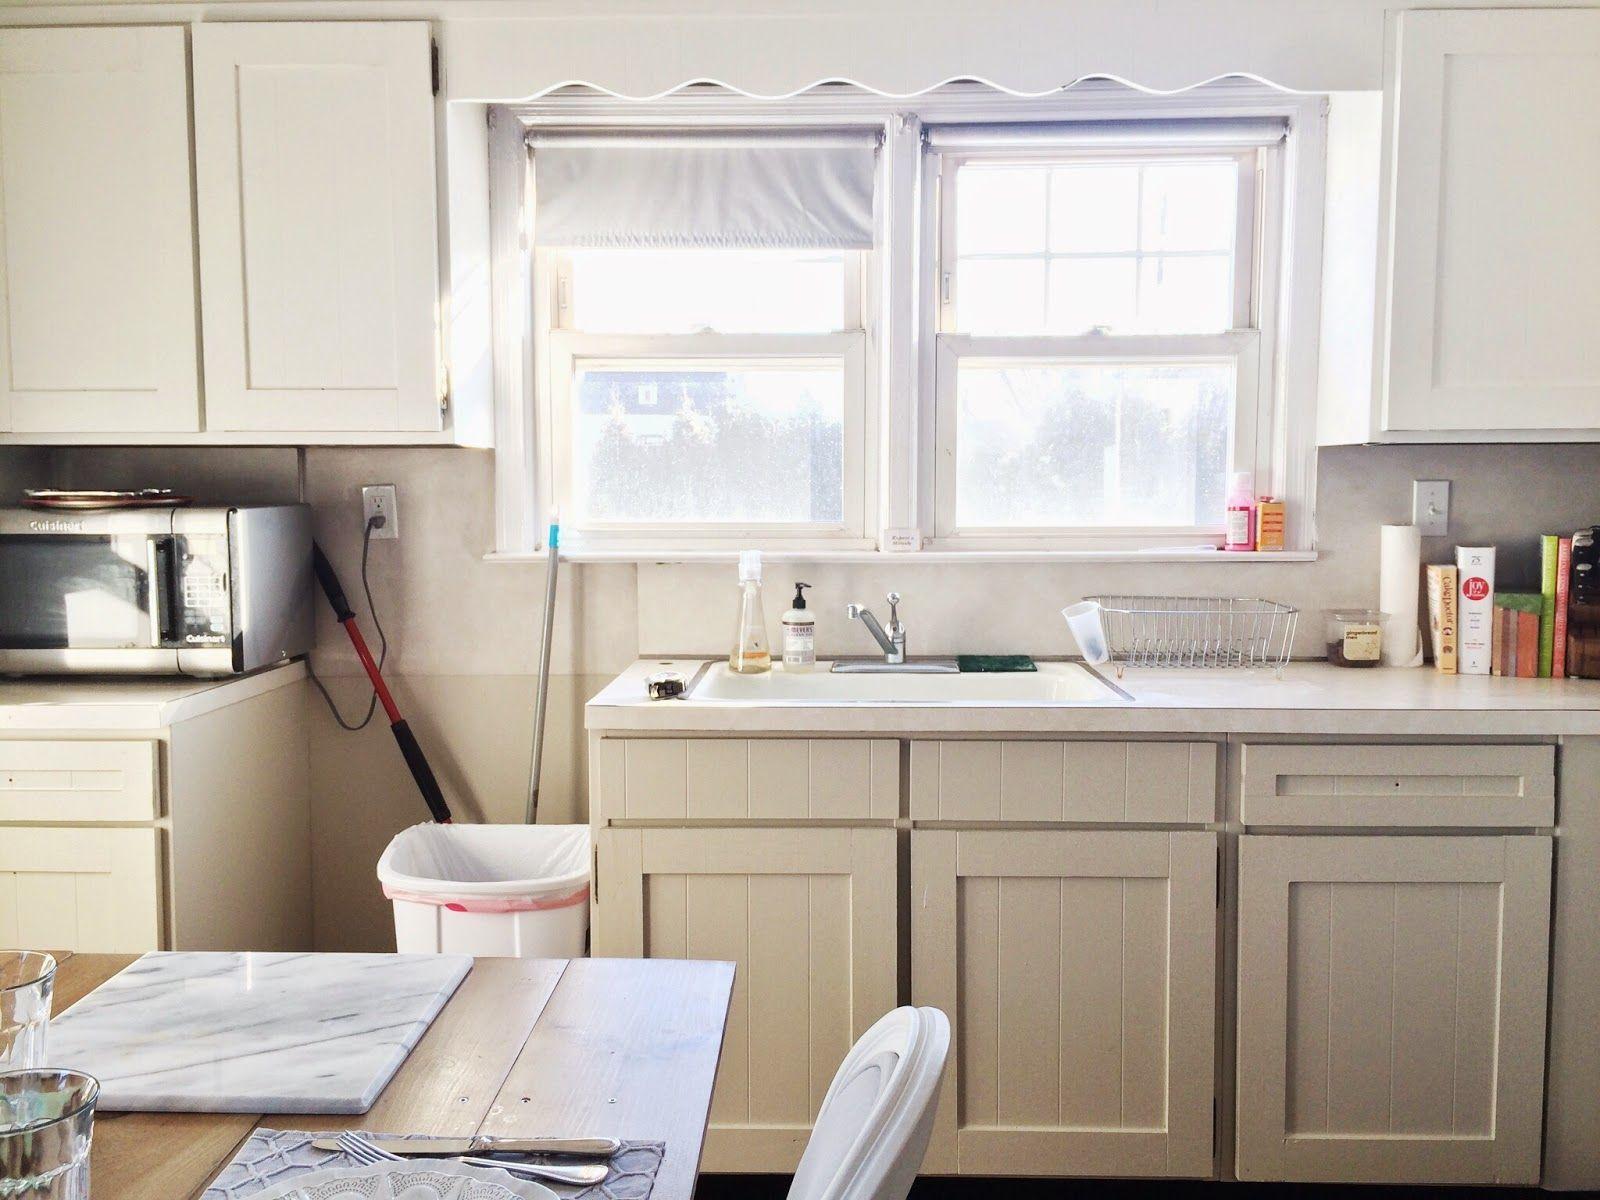 Revere Zinn Küche Schränke Küchenumbau, Küchenschrank